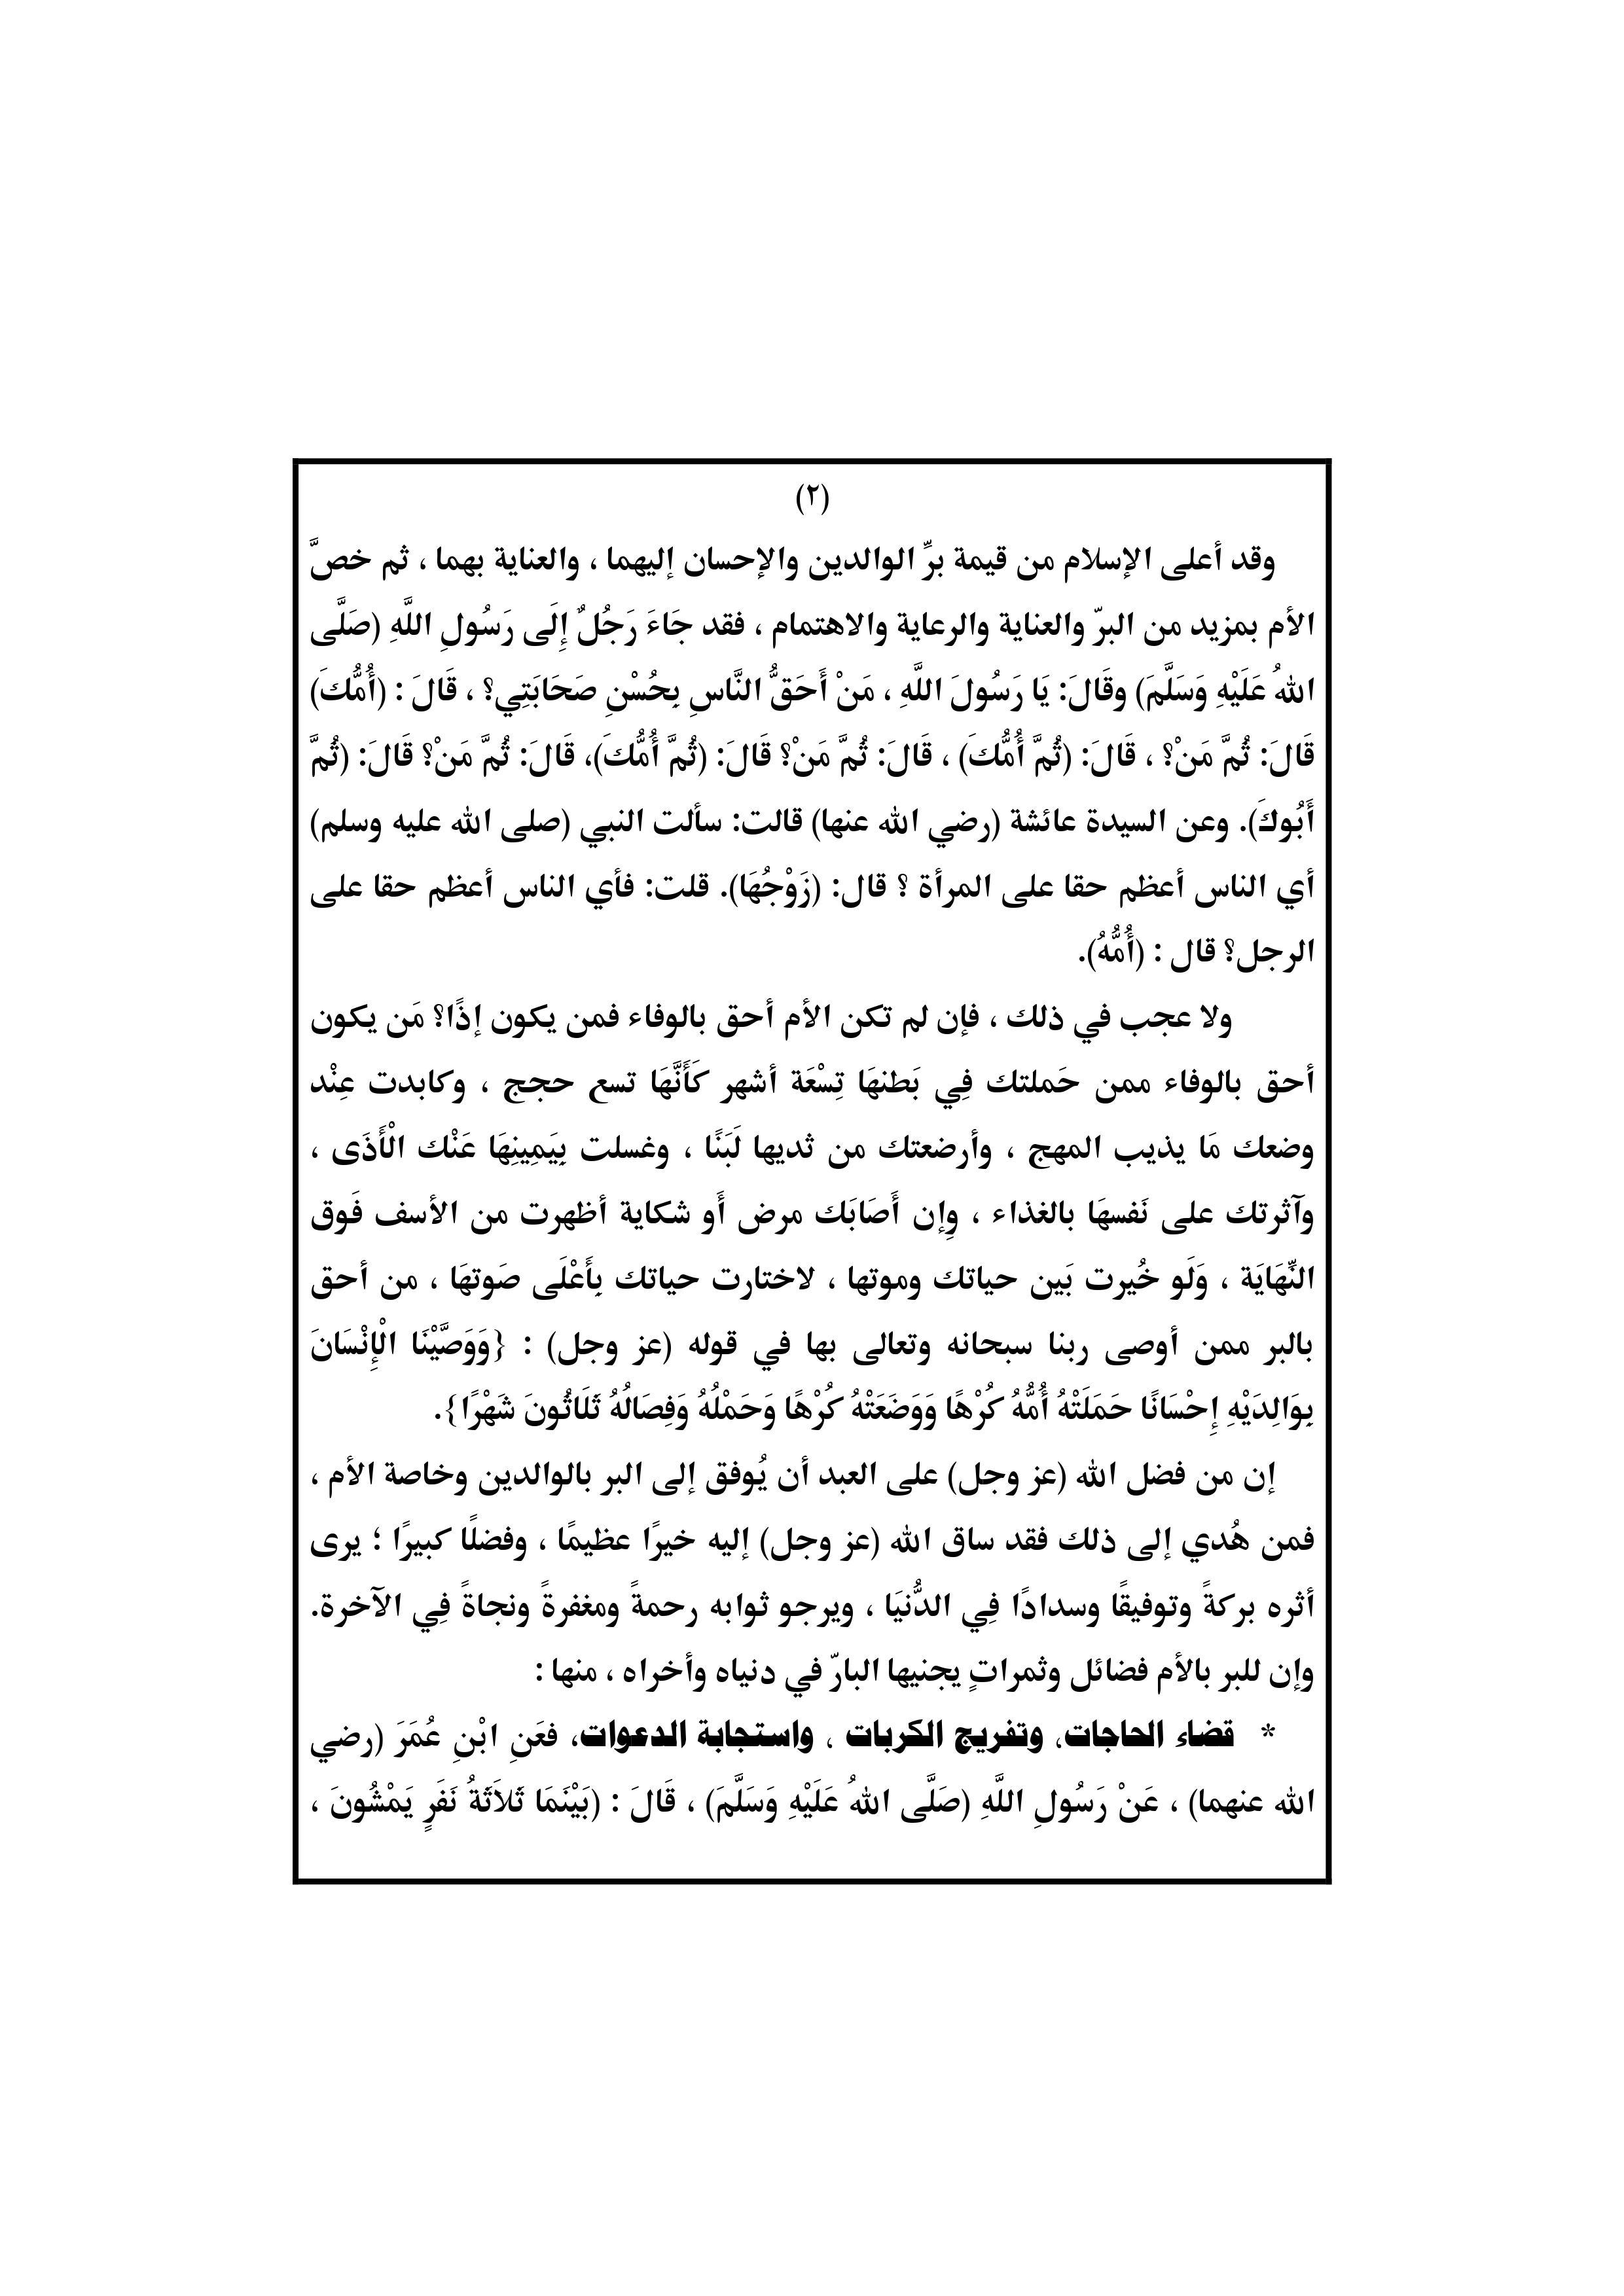 خطبة الجمعة وزارة الأوقاف 15 3 2019 بر الأ م سبيل البركة في